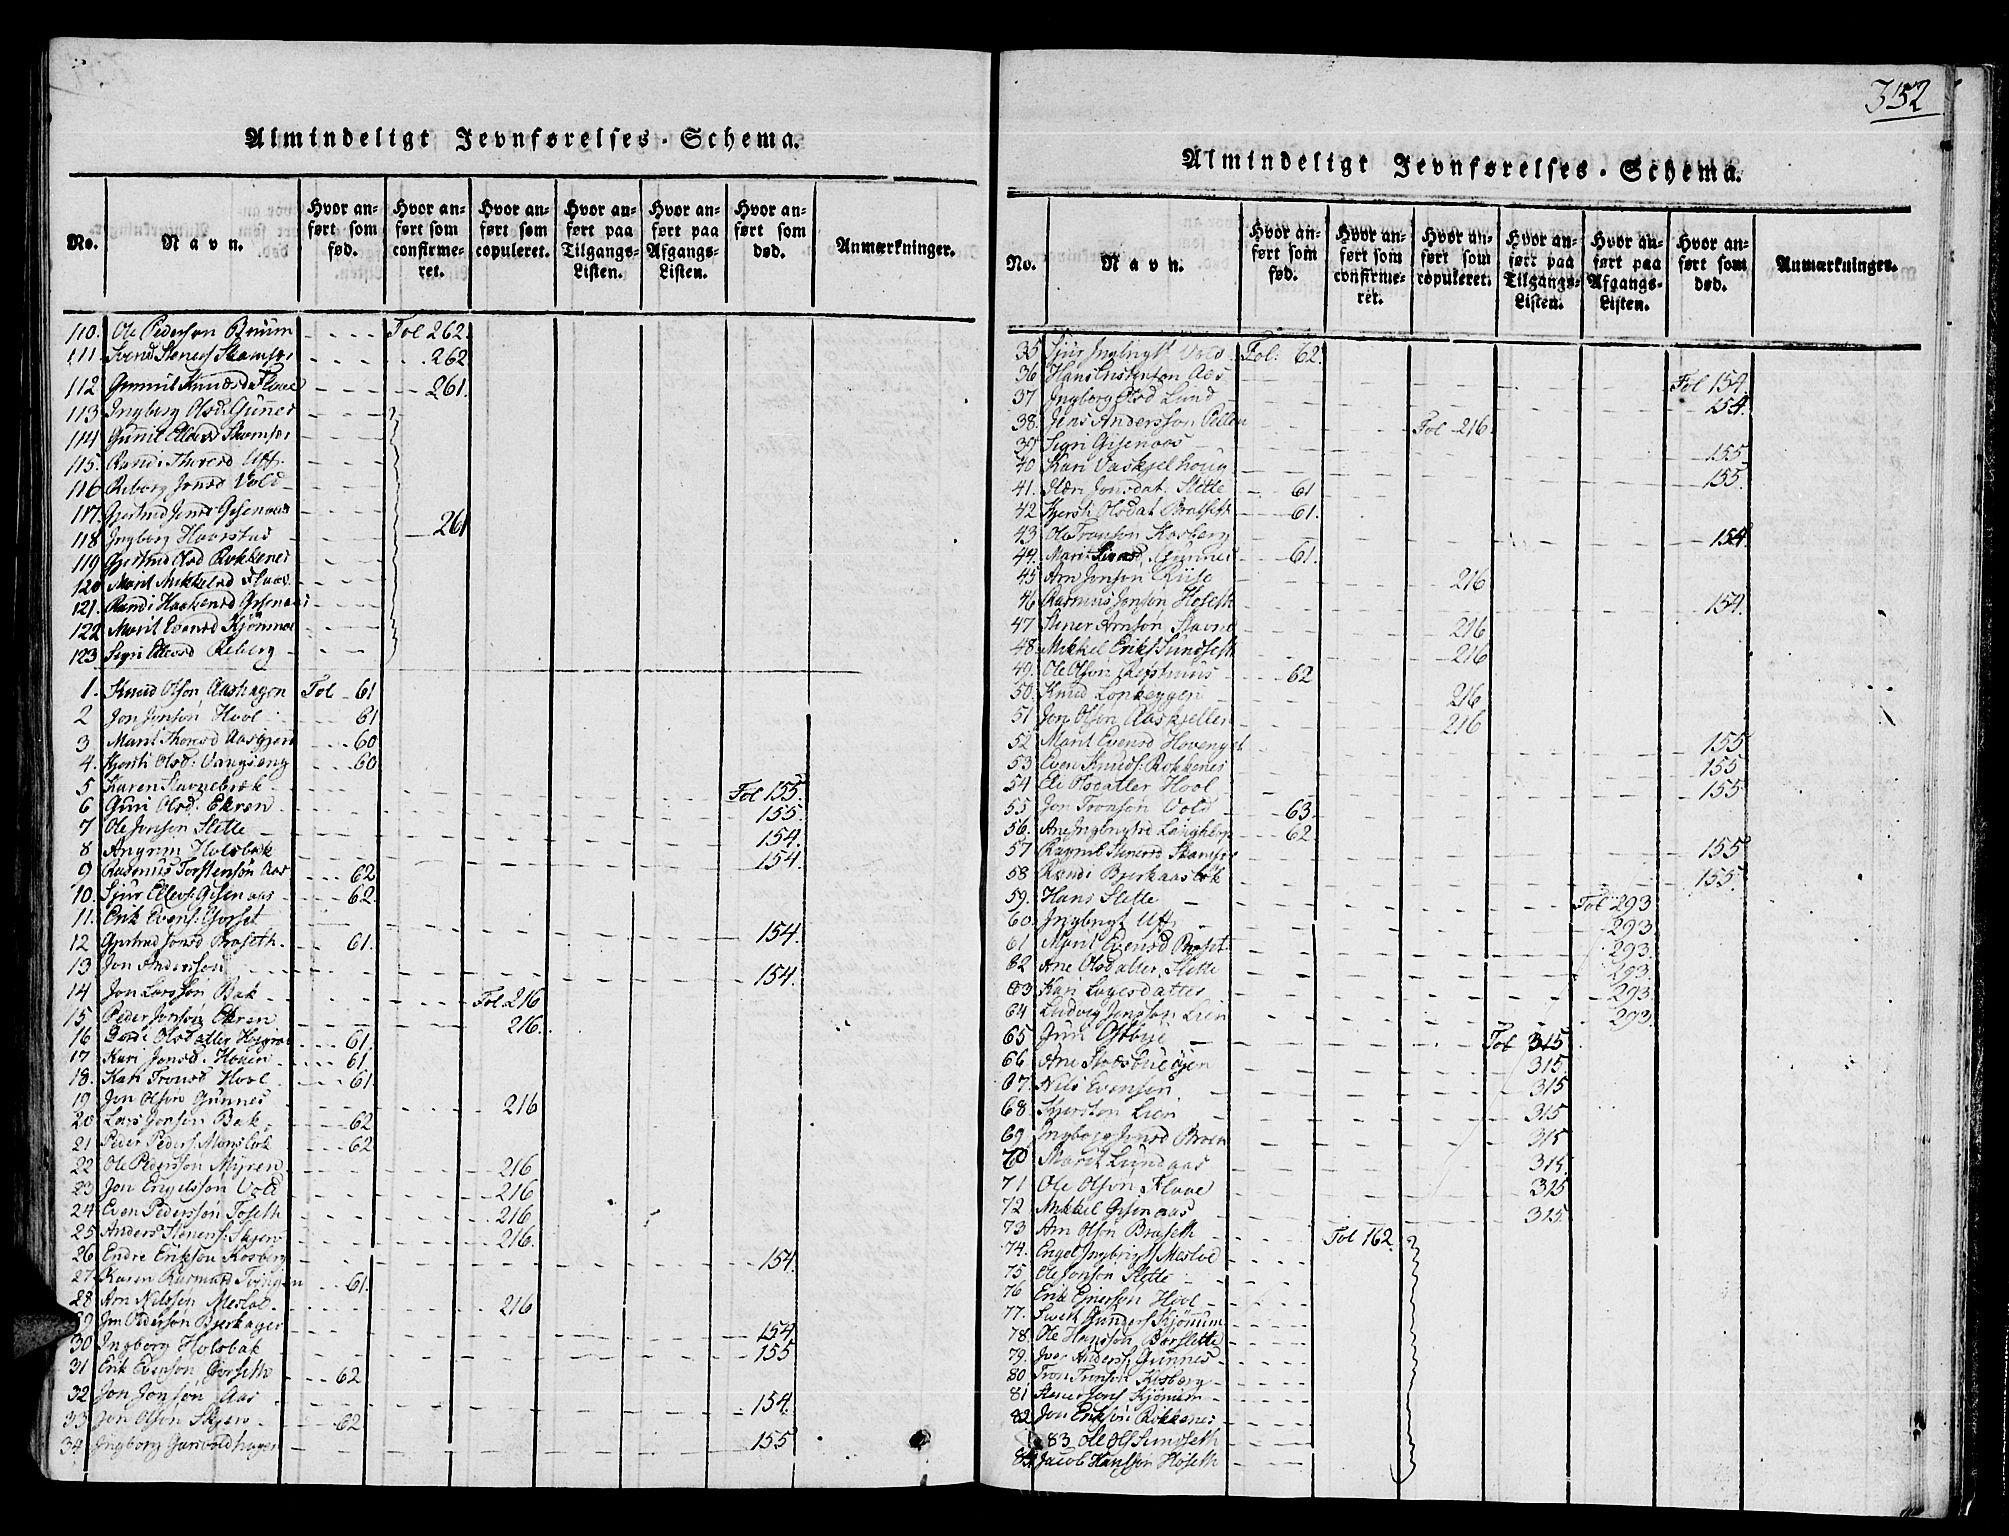 SAT, Ministerialprotokoller, klokkerbøker og fødselsregistre - Sør-Trøndelag, 672/L0854: Ministerialbok nr. 672A06 /2, 1816-1829, s. 352